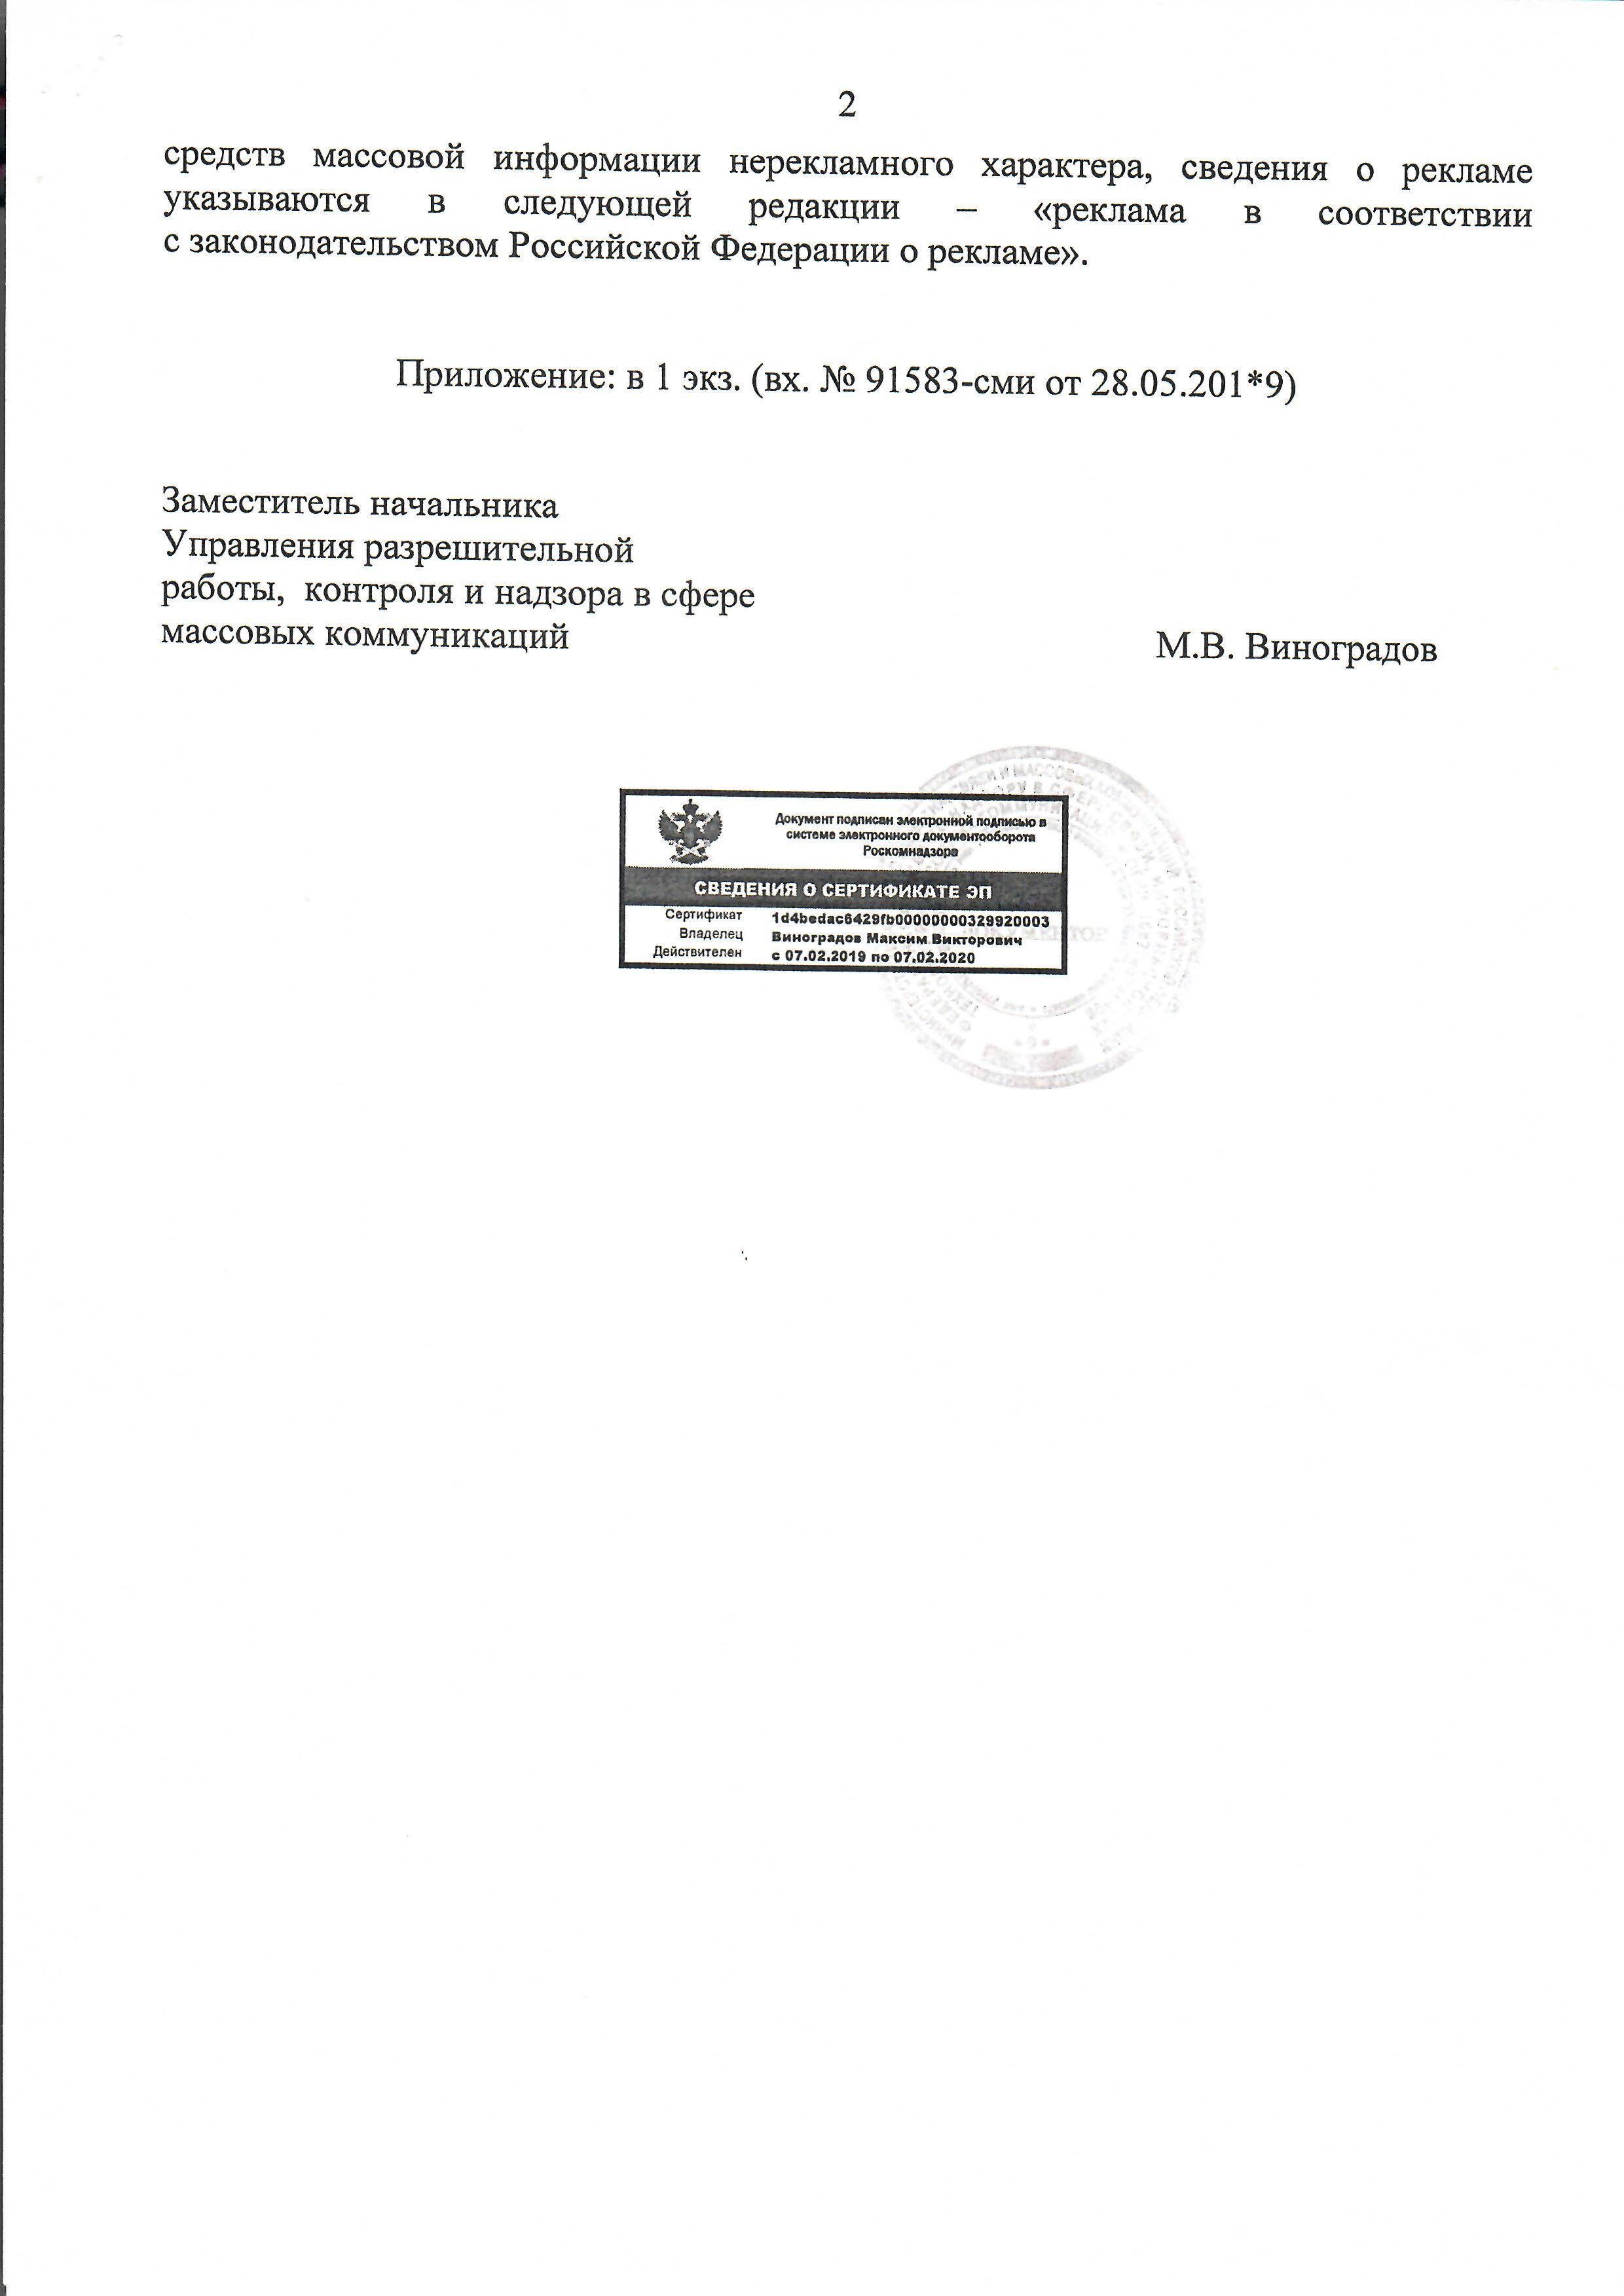 Пробовали ли вы зарегистрировать свой сайт как сетевое издание в Роскомнадзоре? - 6